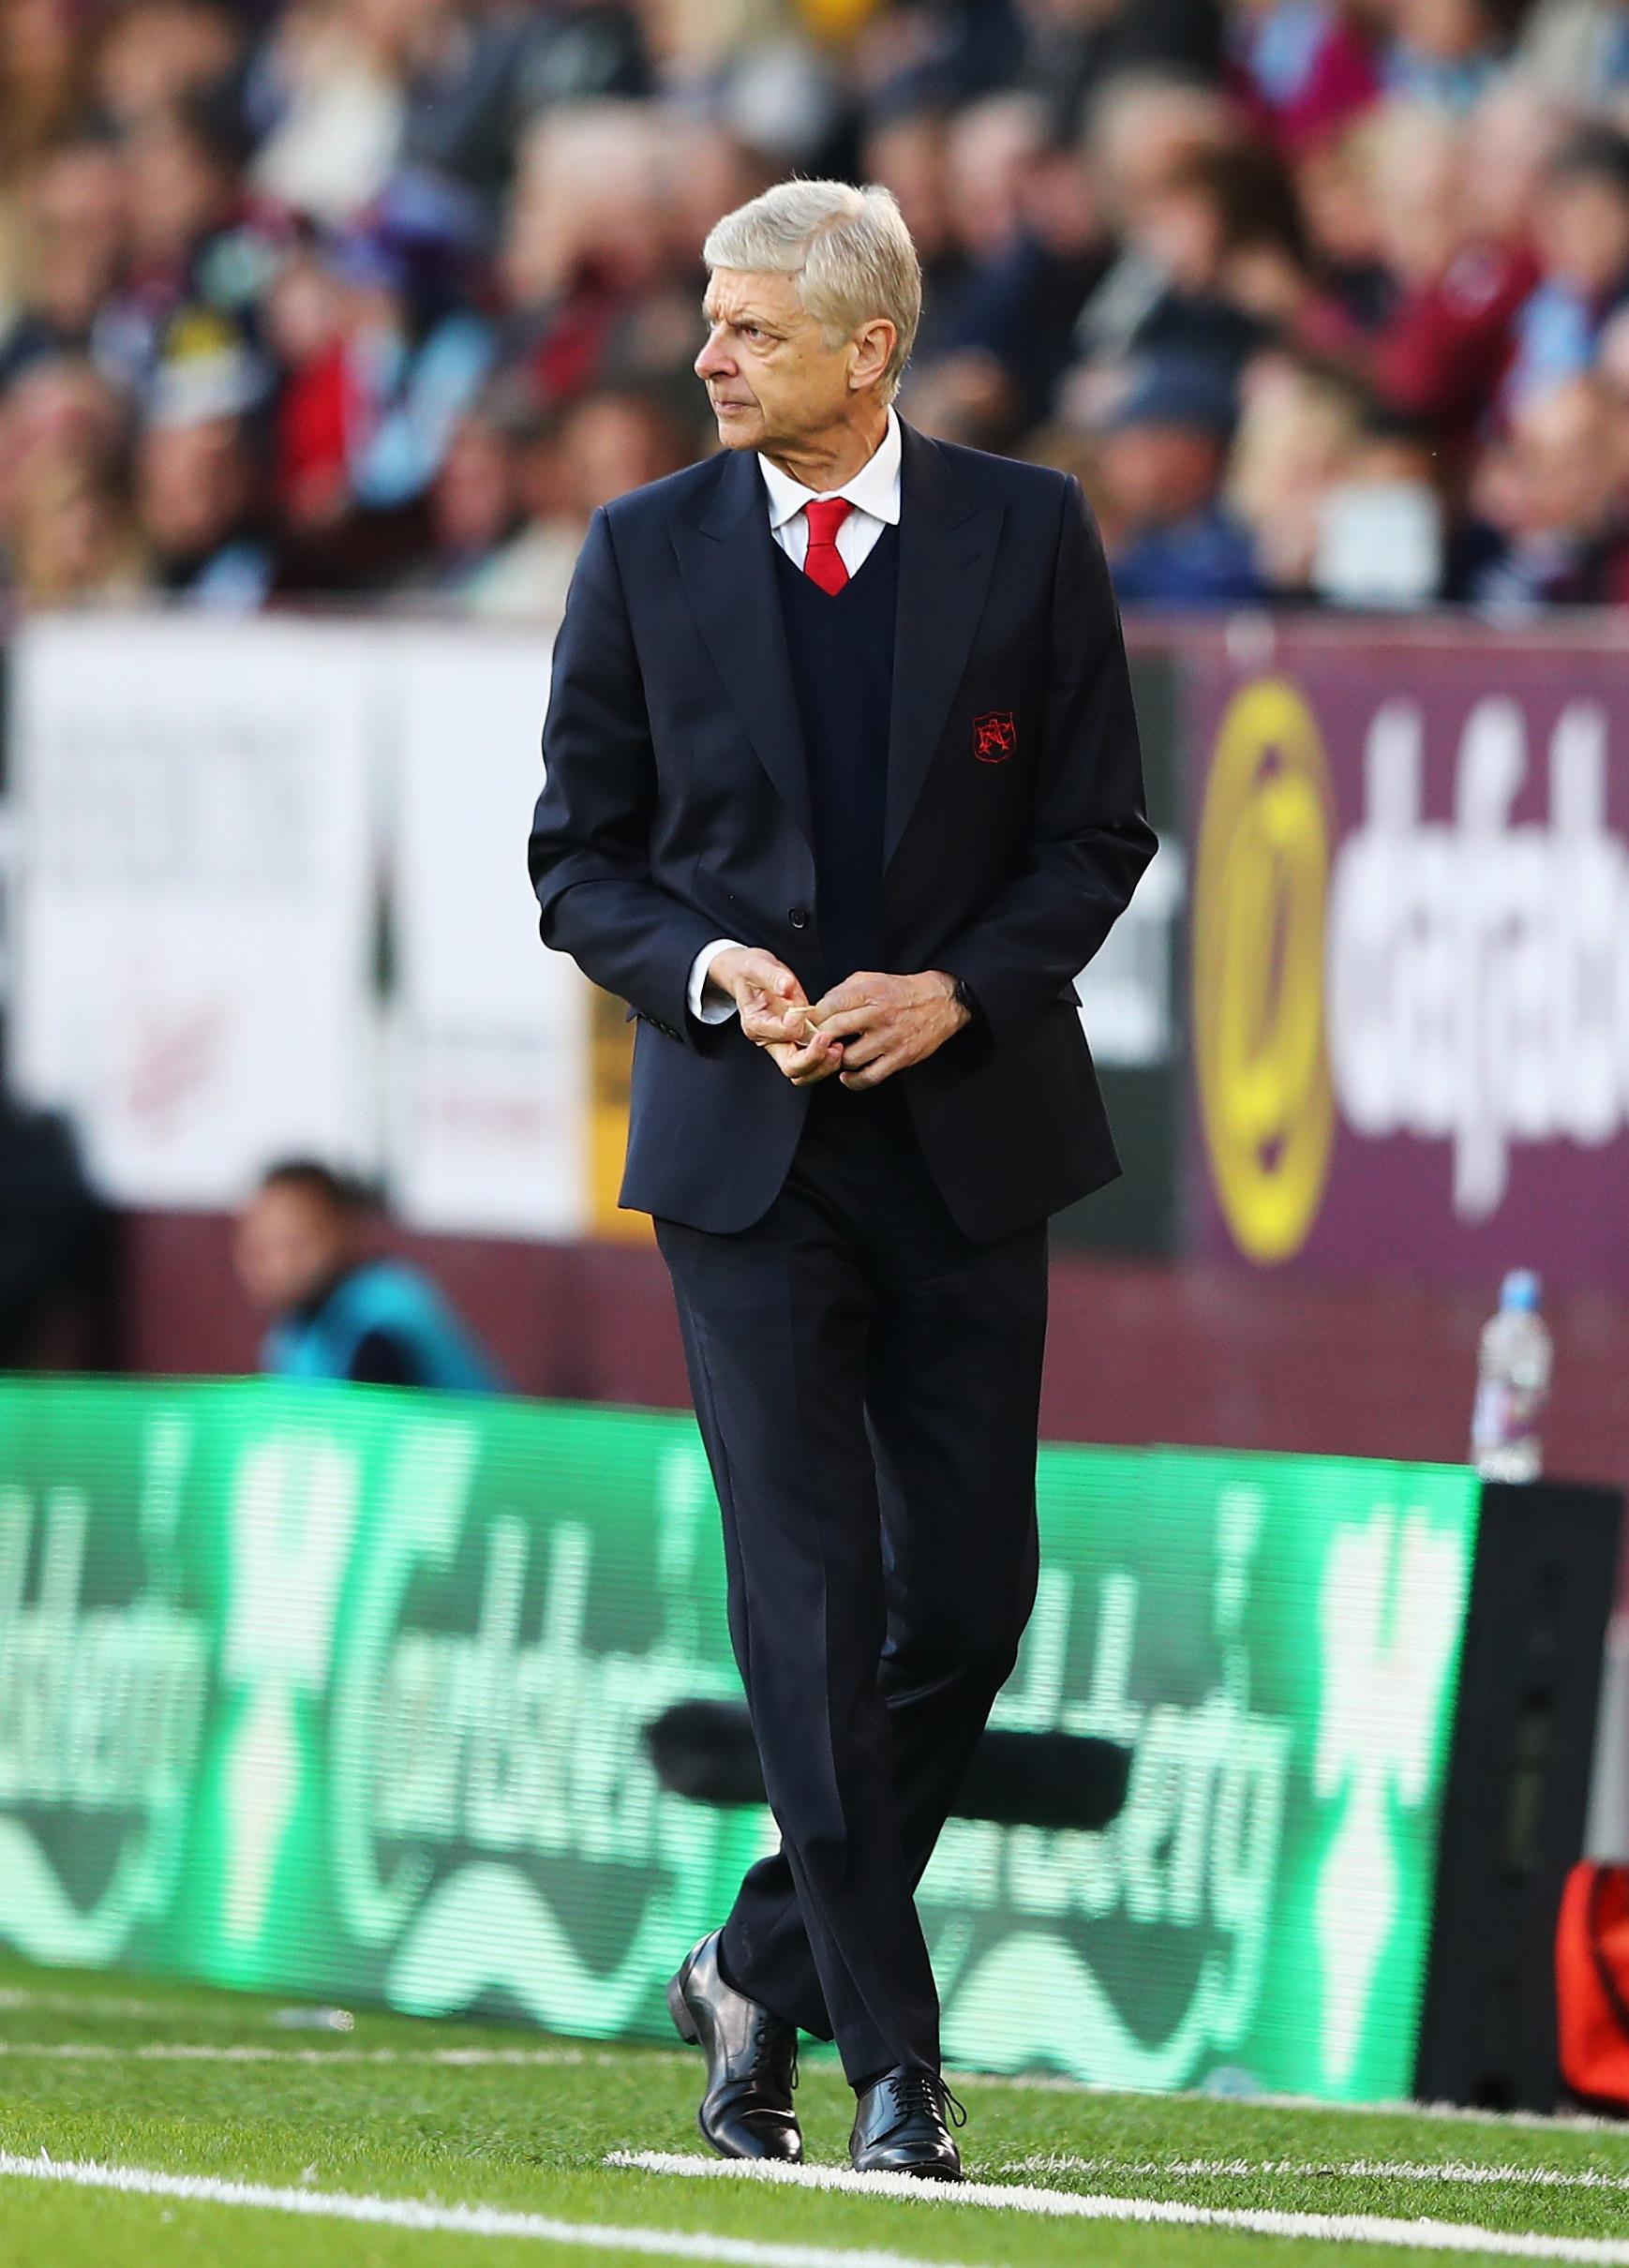 Arsenal Manager Arsène Wenger